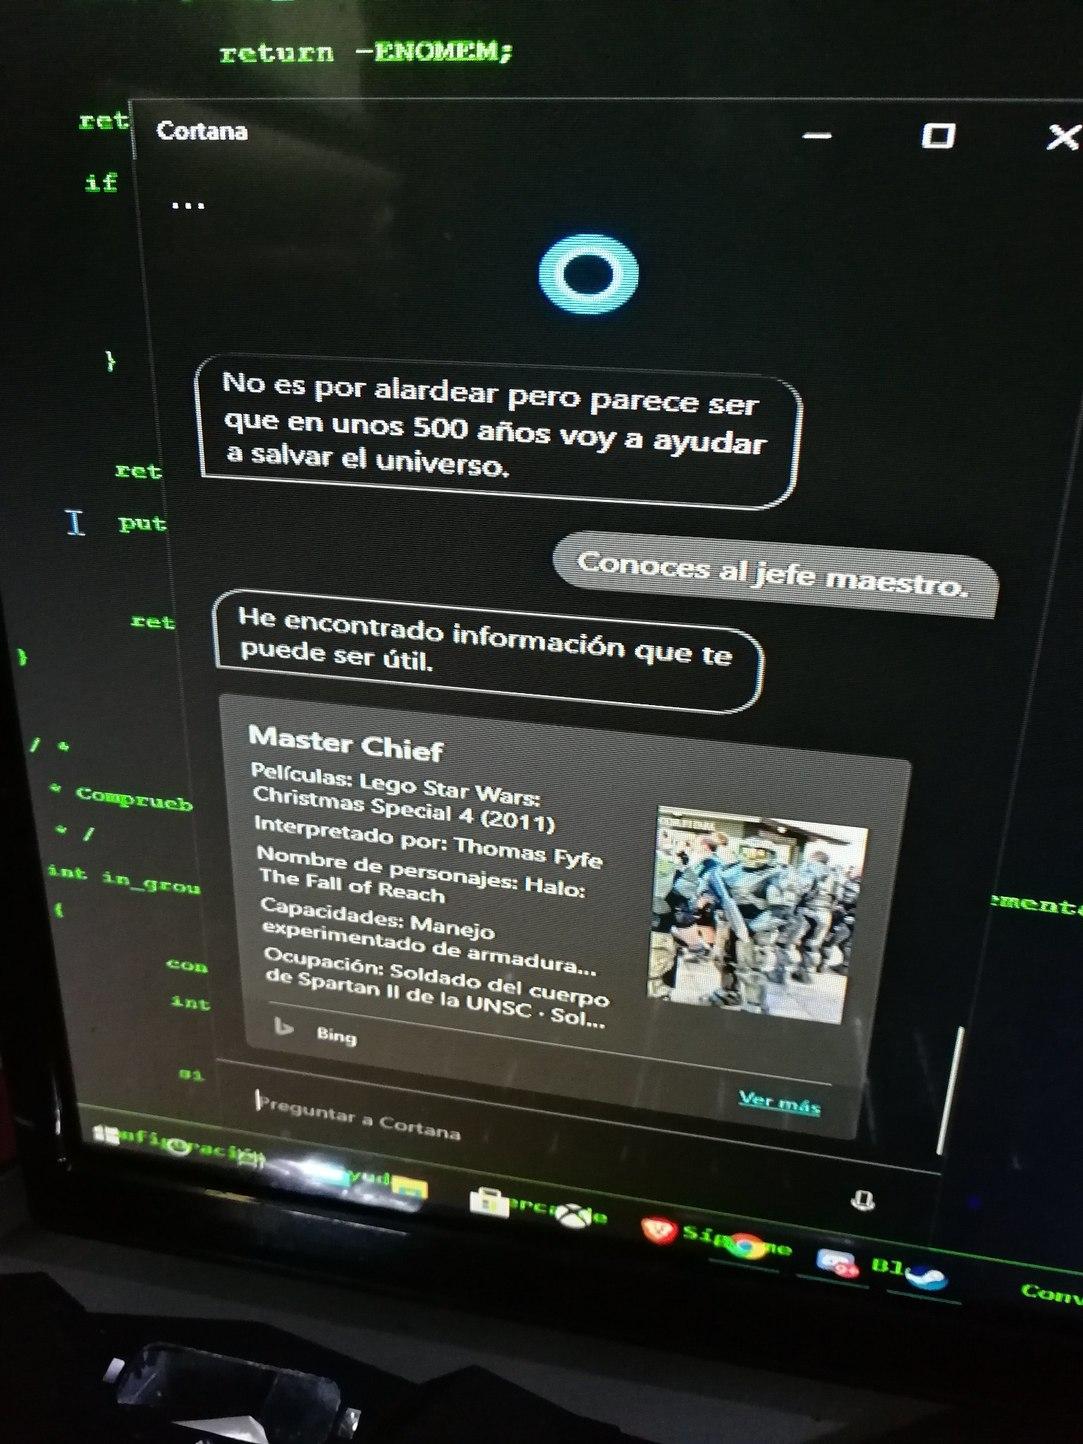 Cortana - meme